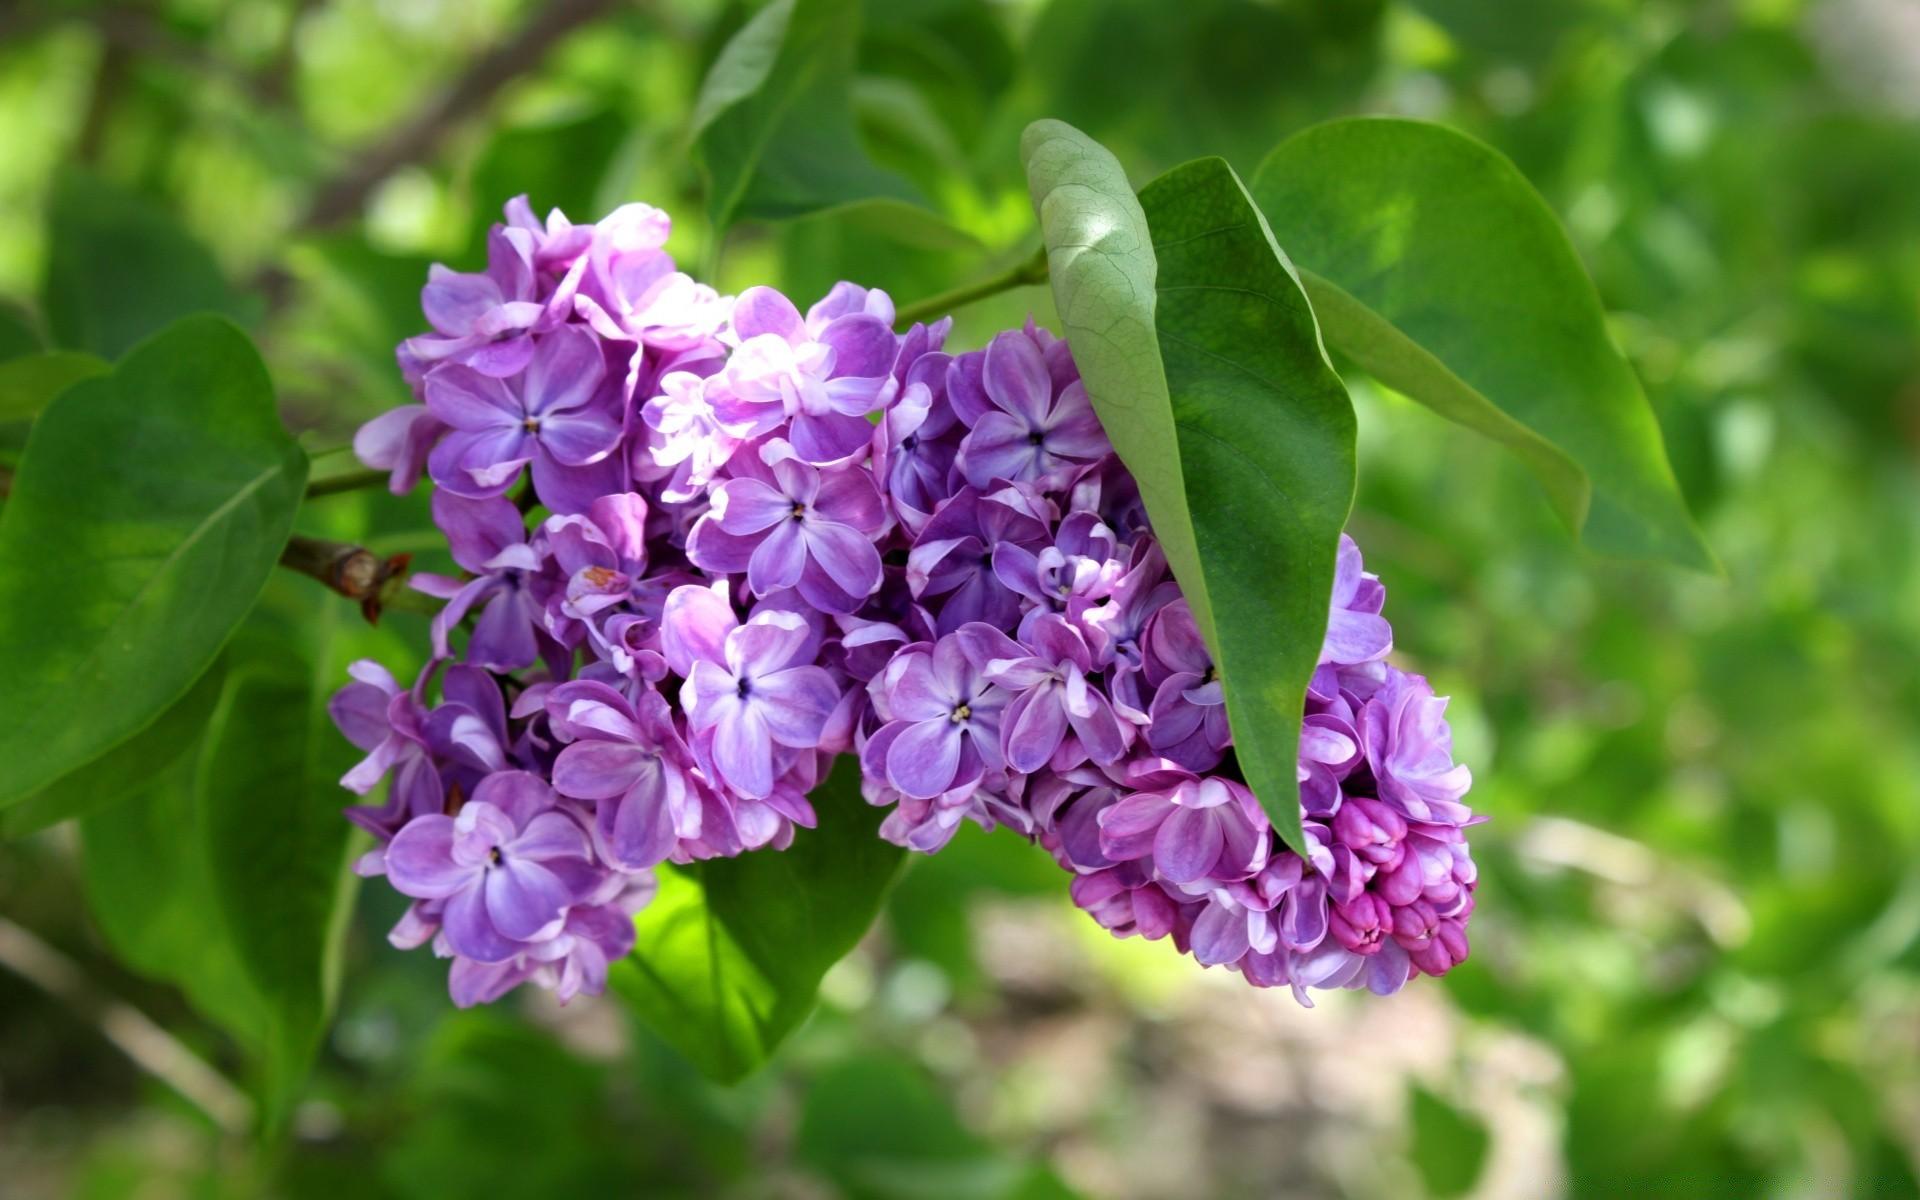 Цветы сирени высокого разрешения